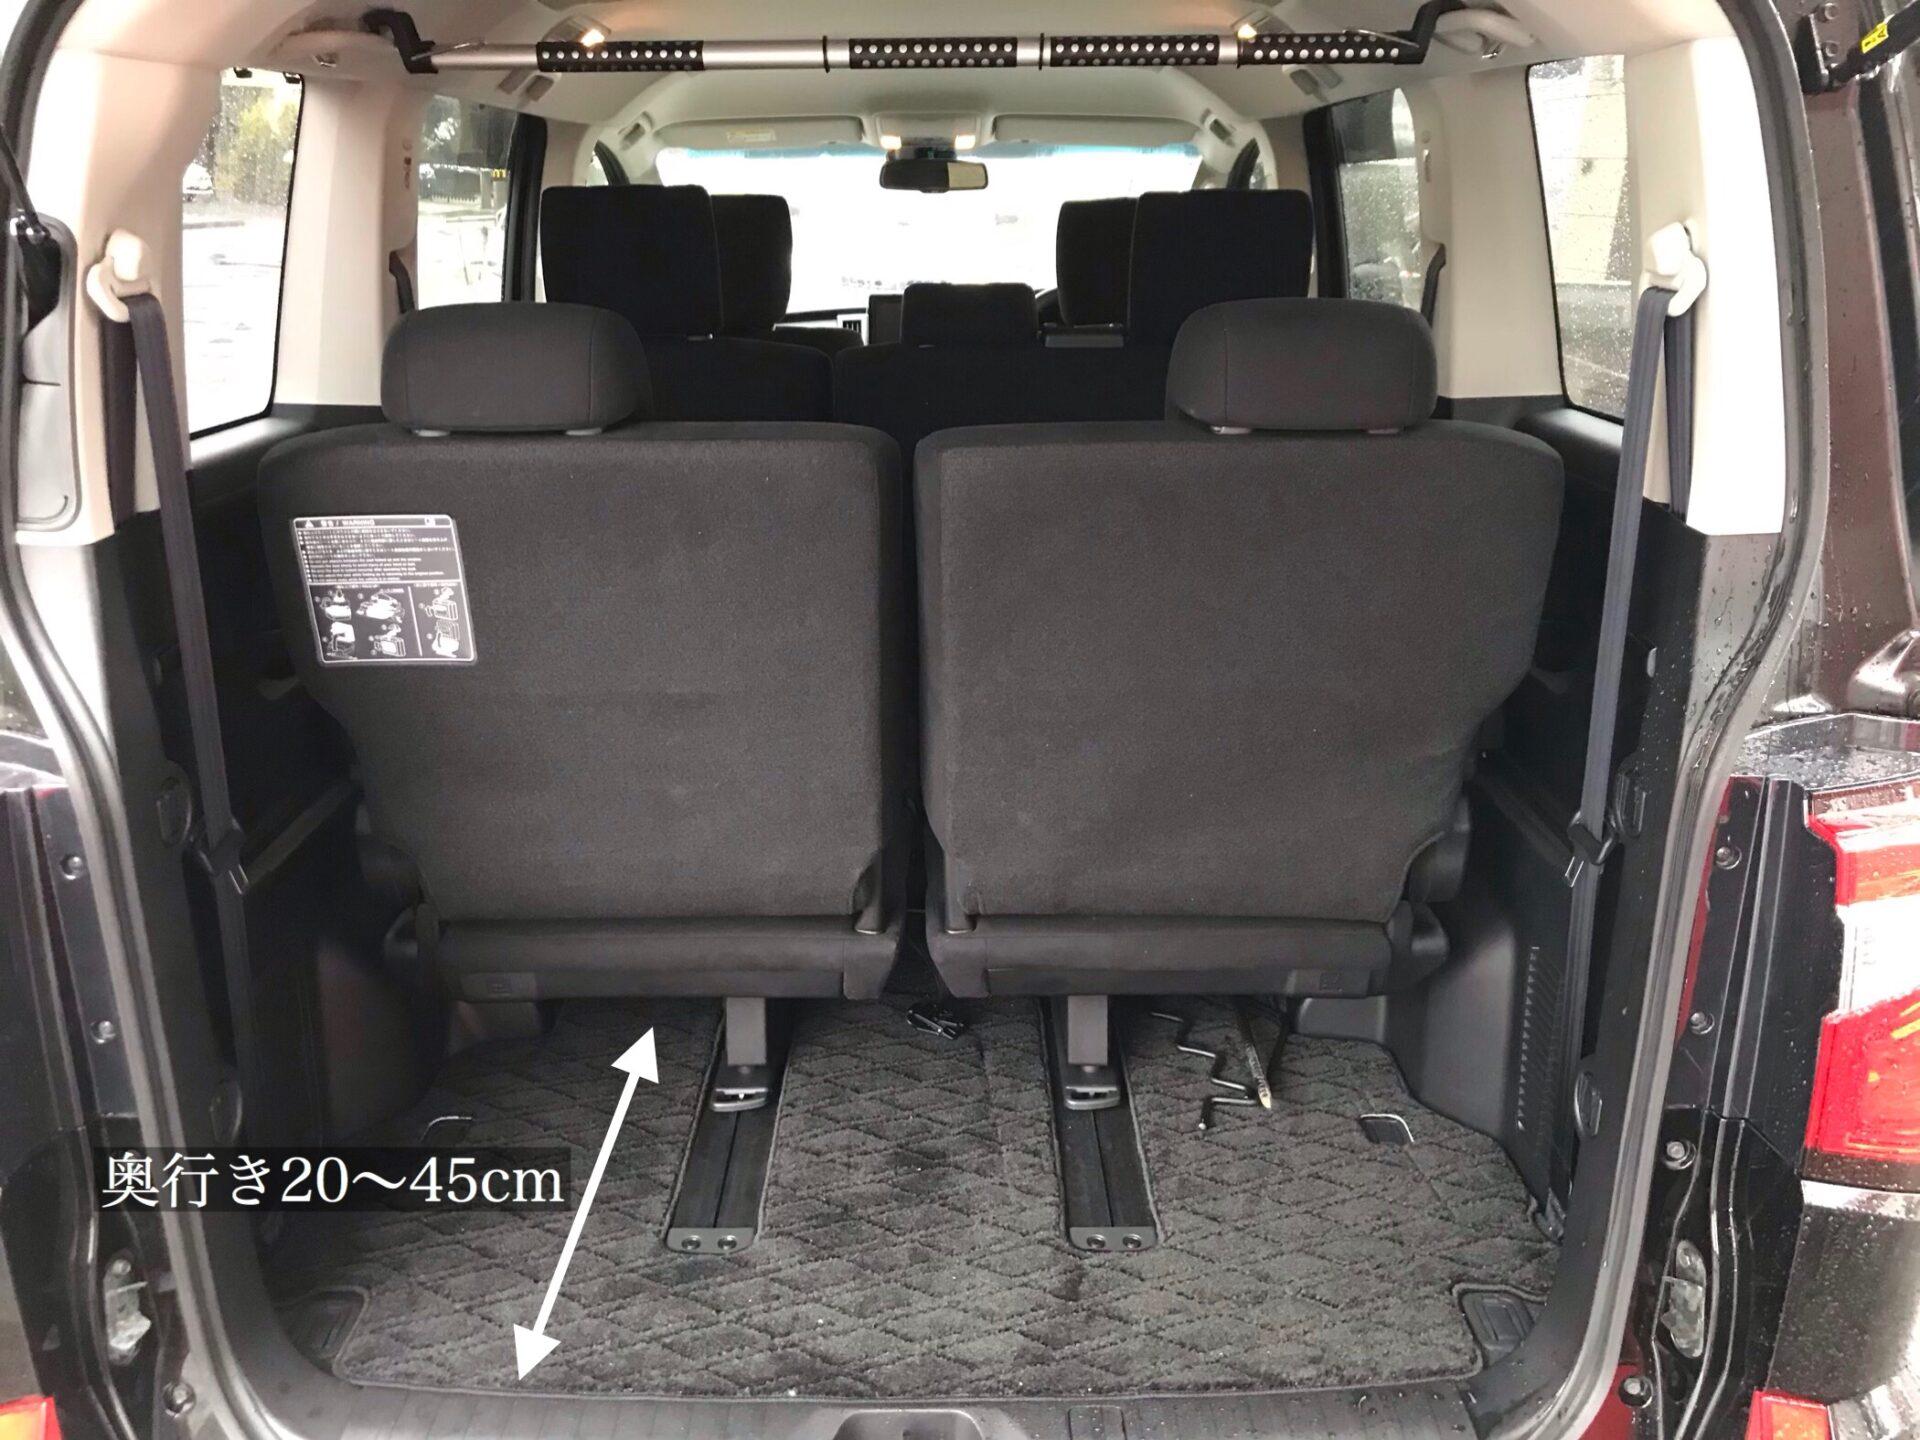 デリカD5 ラゲッジスペース サードシート